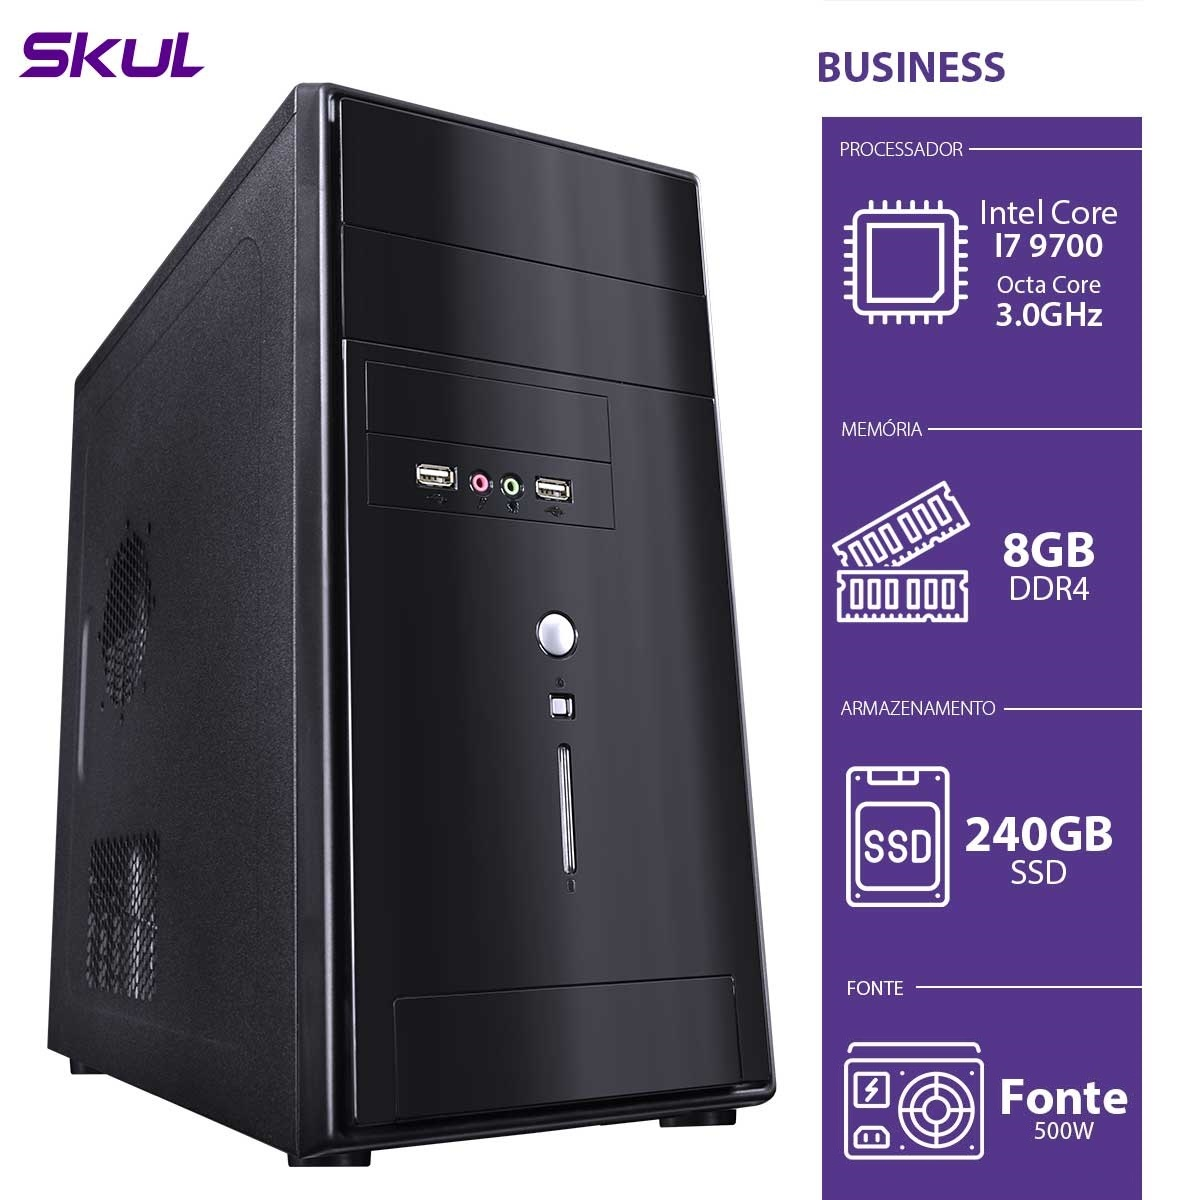 COMPUTADOR BUSINESS B700 - I7 9700 3.0GHZ MEM 8GB DDR4 SSD 240GB HDMI/VGA FONTE 500W